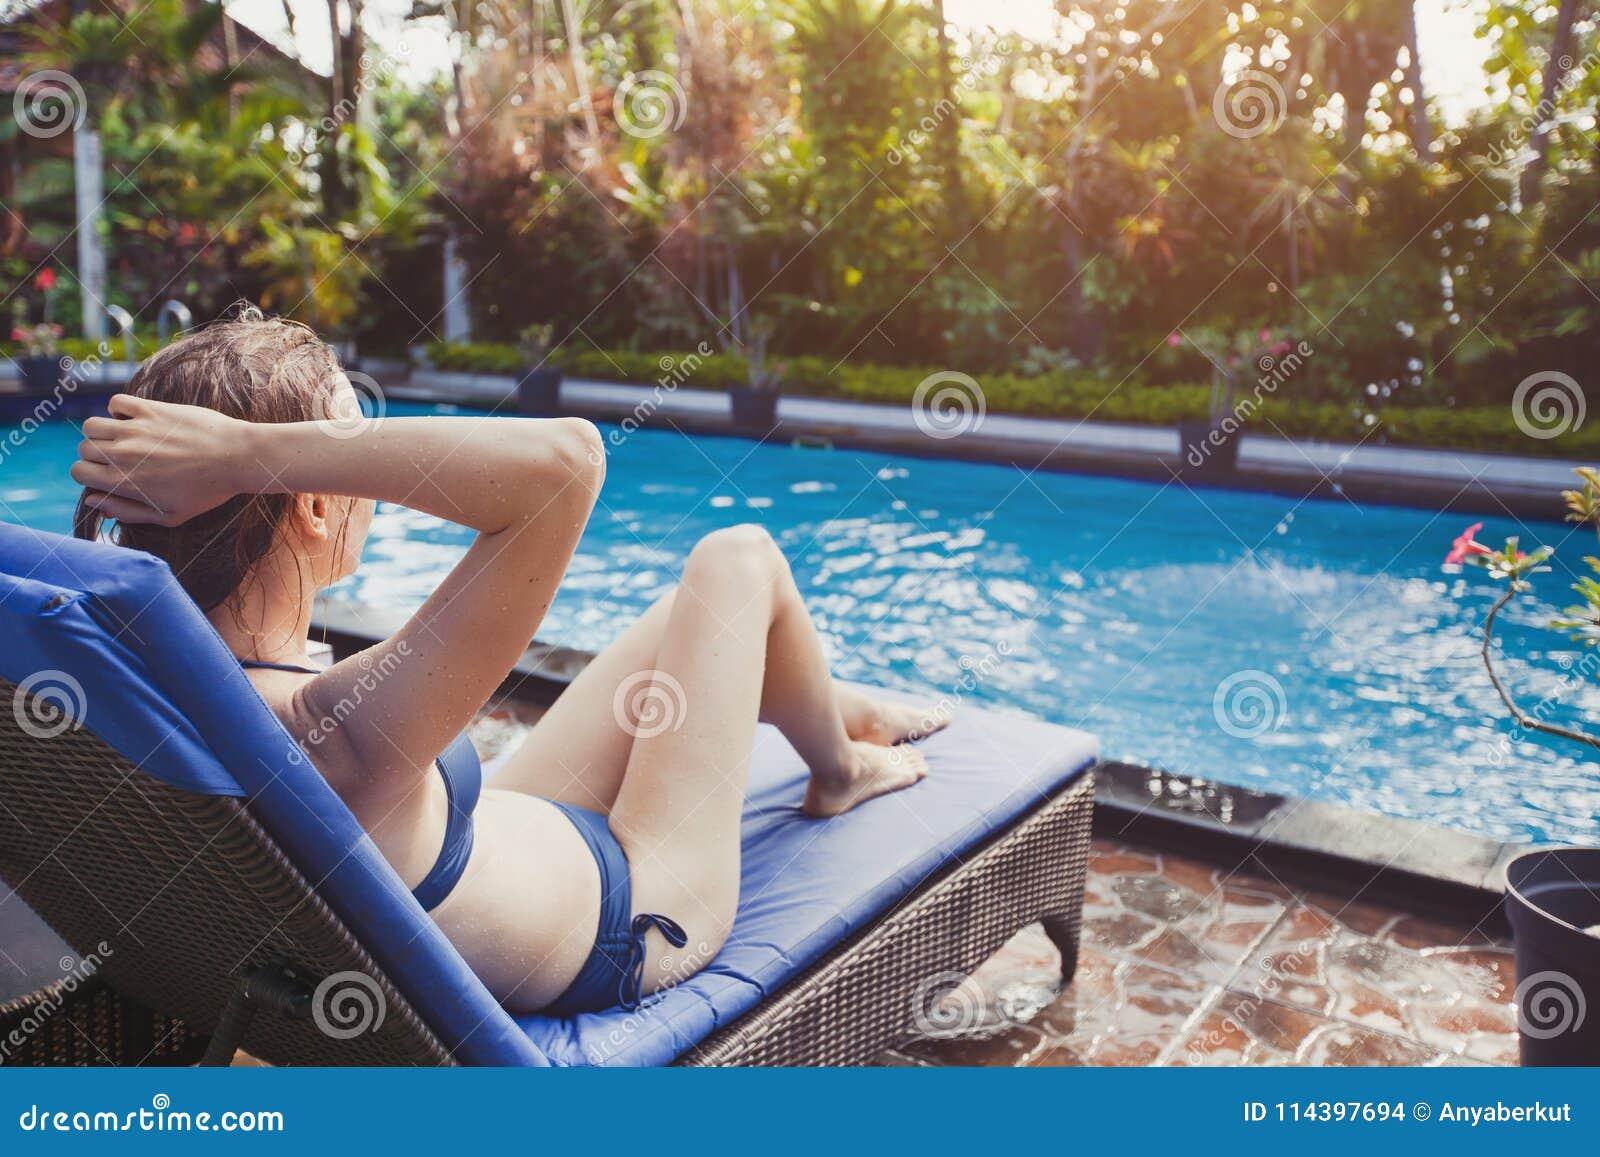 Mooie vrouw in bikini het ontspannen in ligstoel dichtbij zwembad in hotel